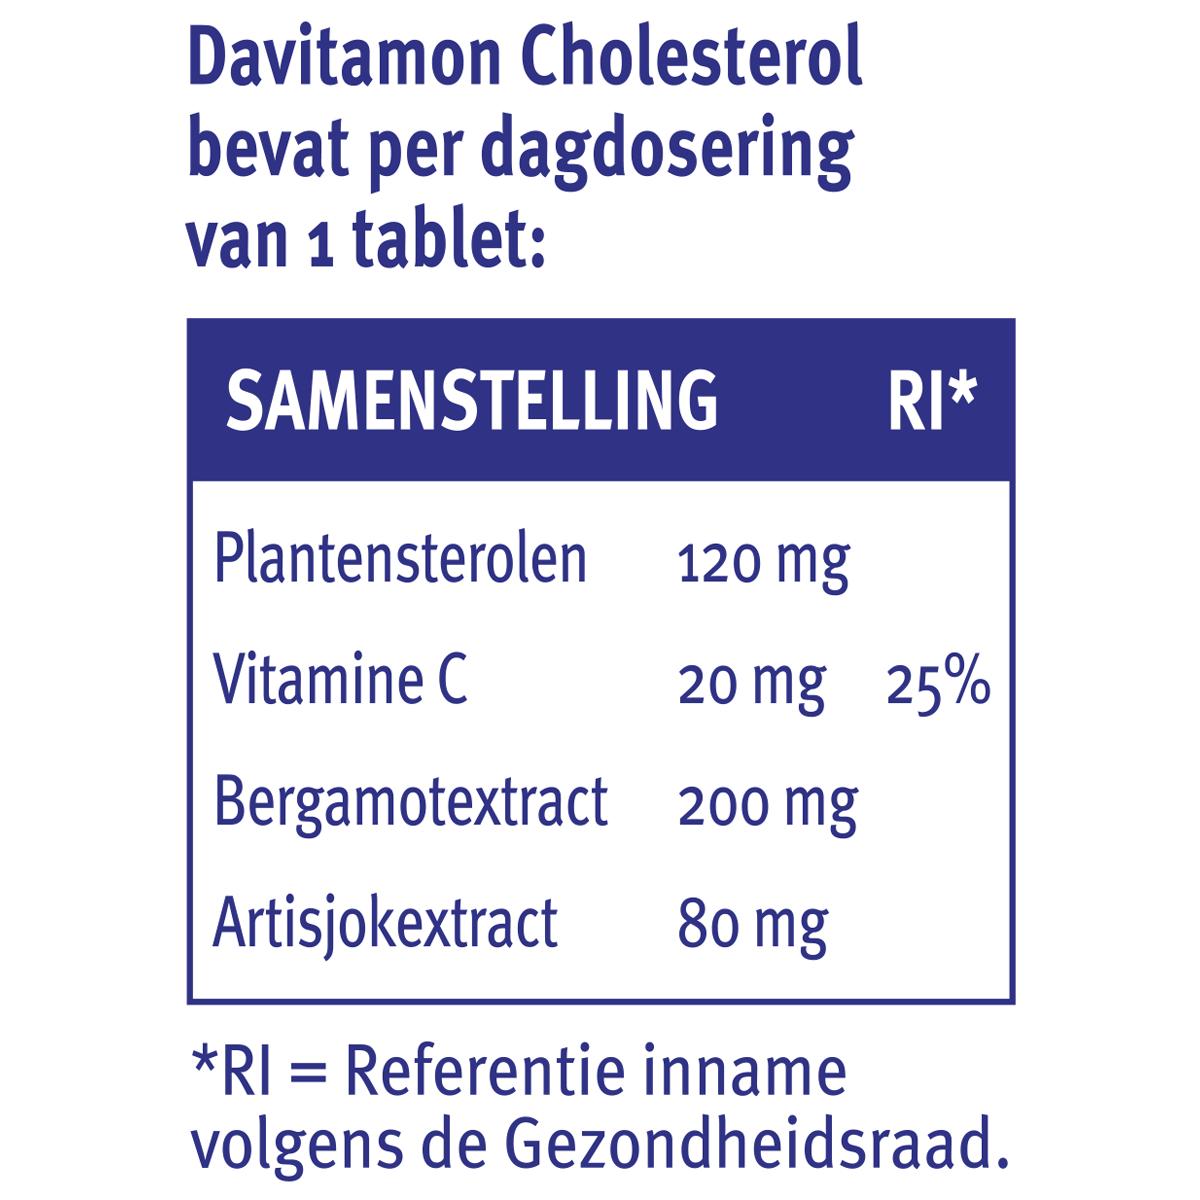 Samenstelling Davitamon Cholesterol voor volwassenen